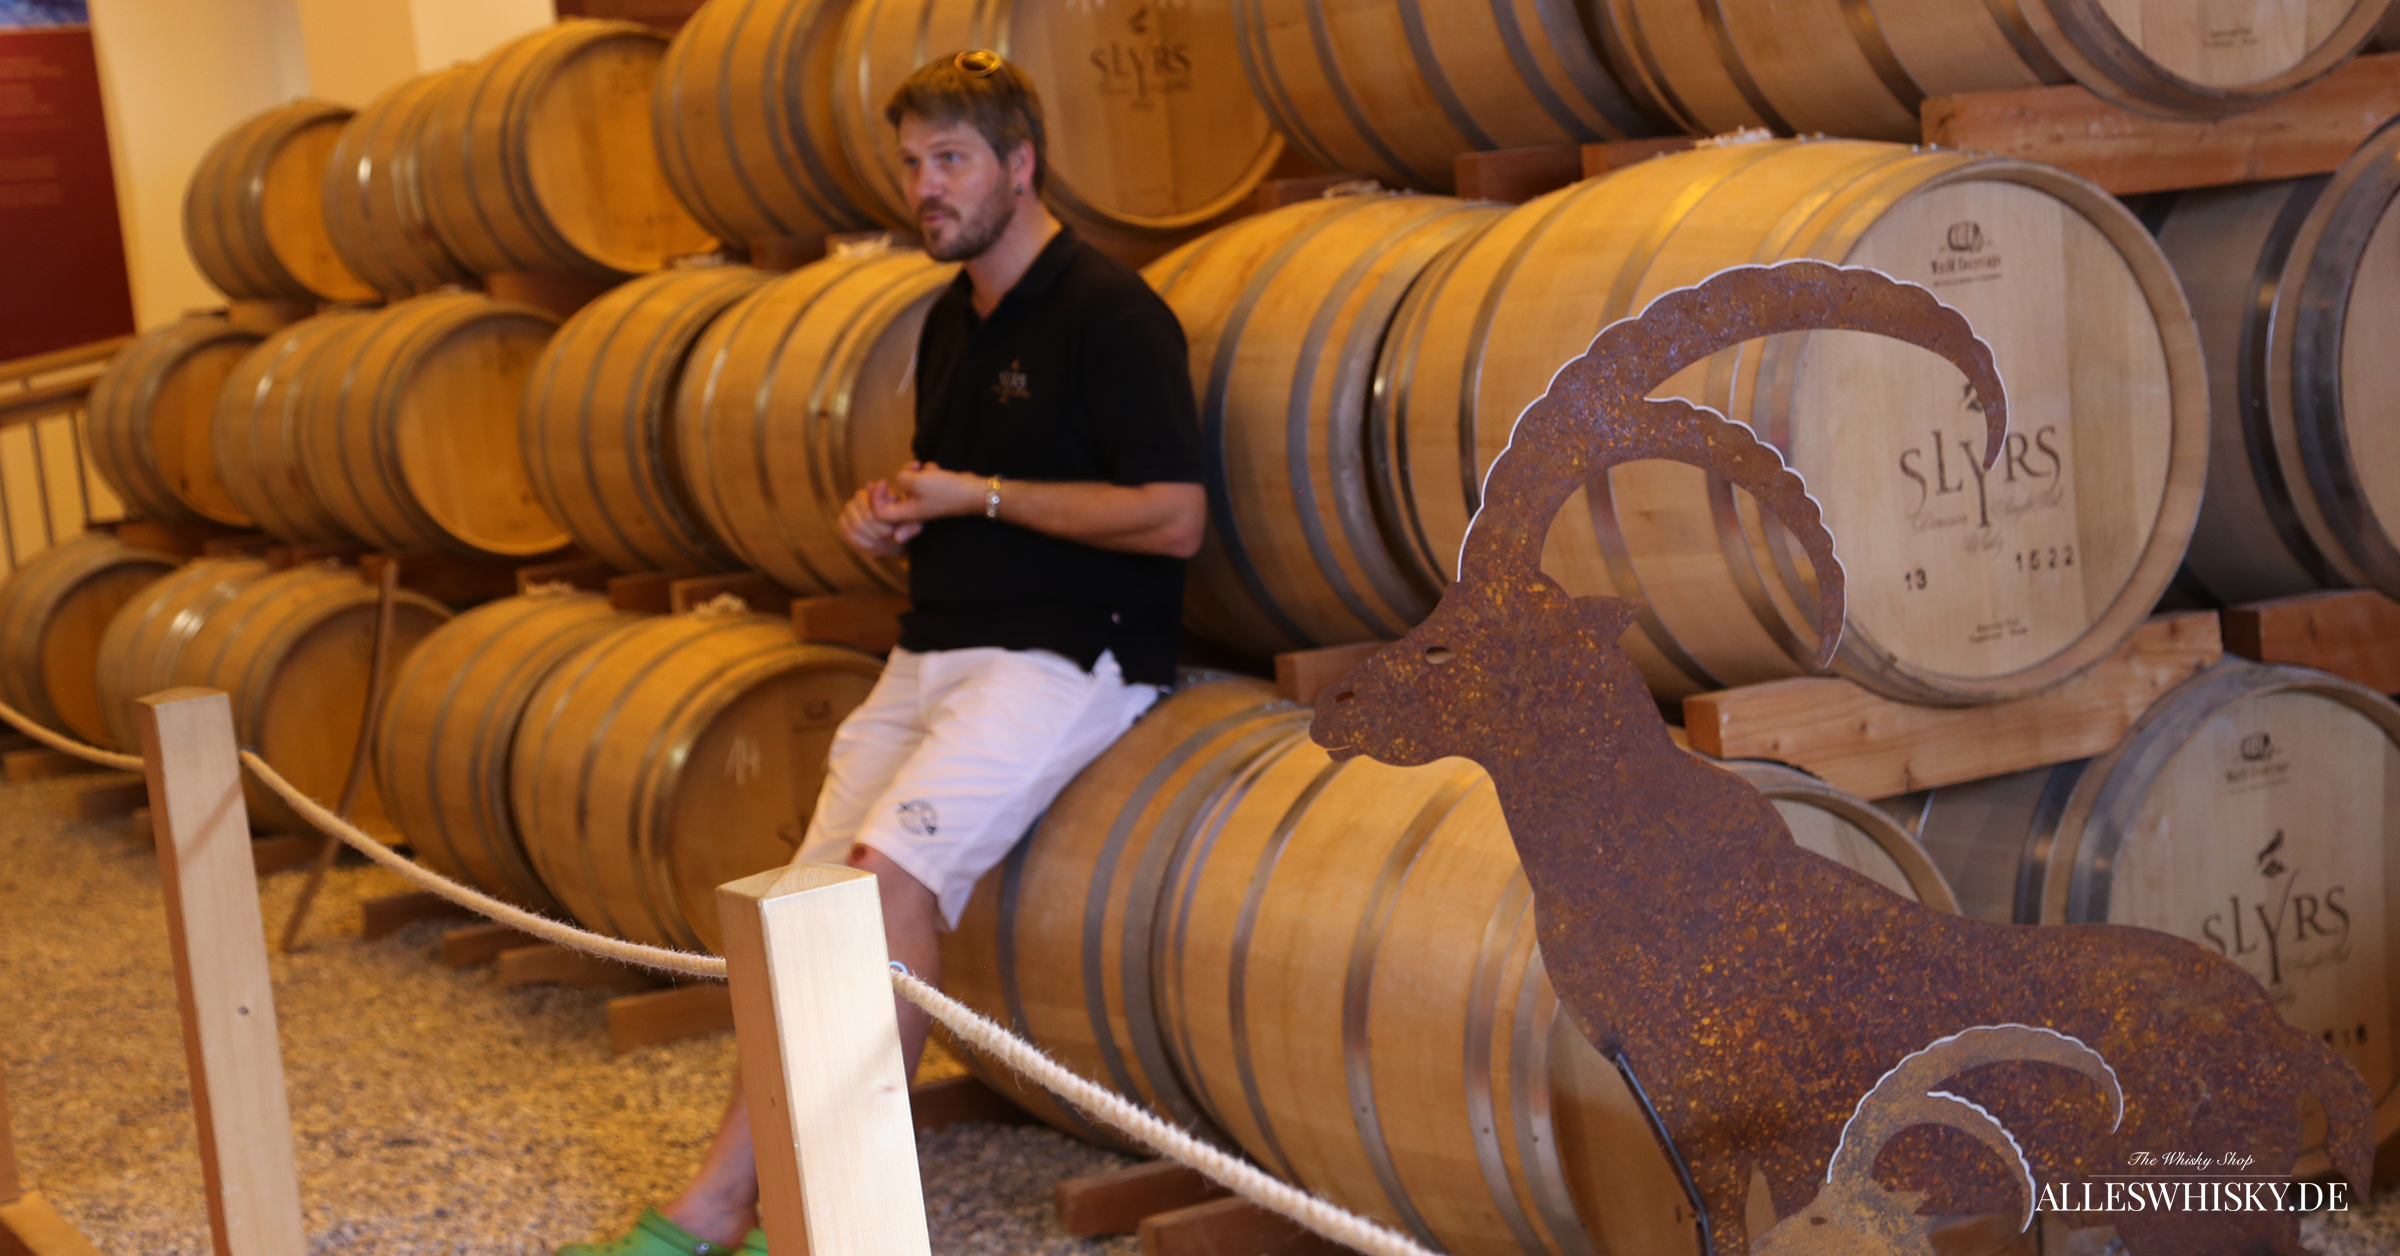 Slyrs Whisky Brennerei Führung mit Tobias Maier am 18. Juli 2015